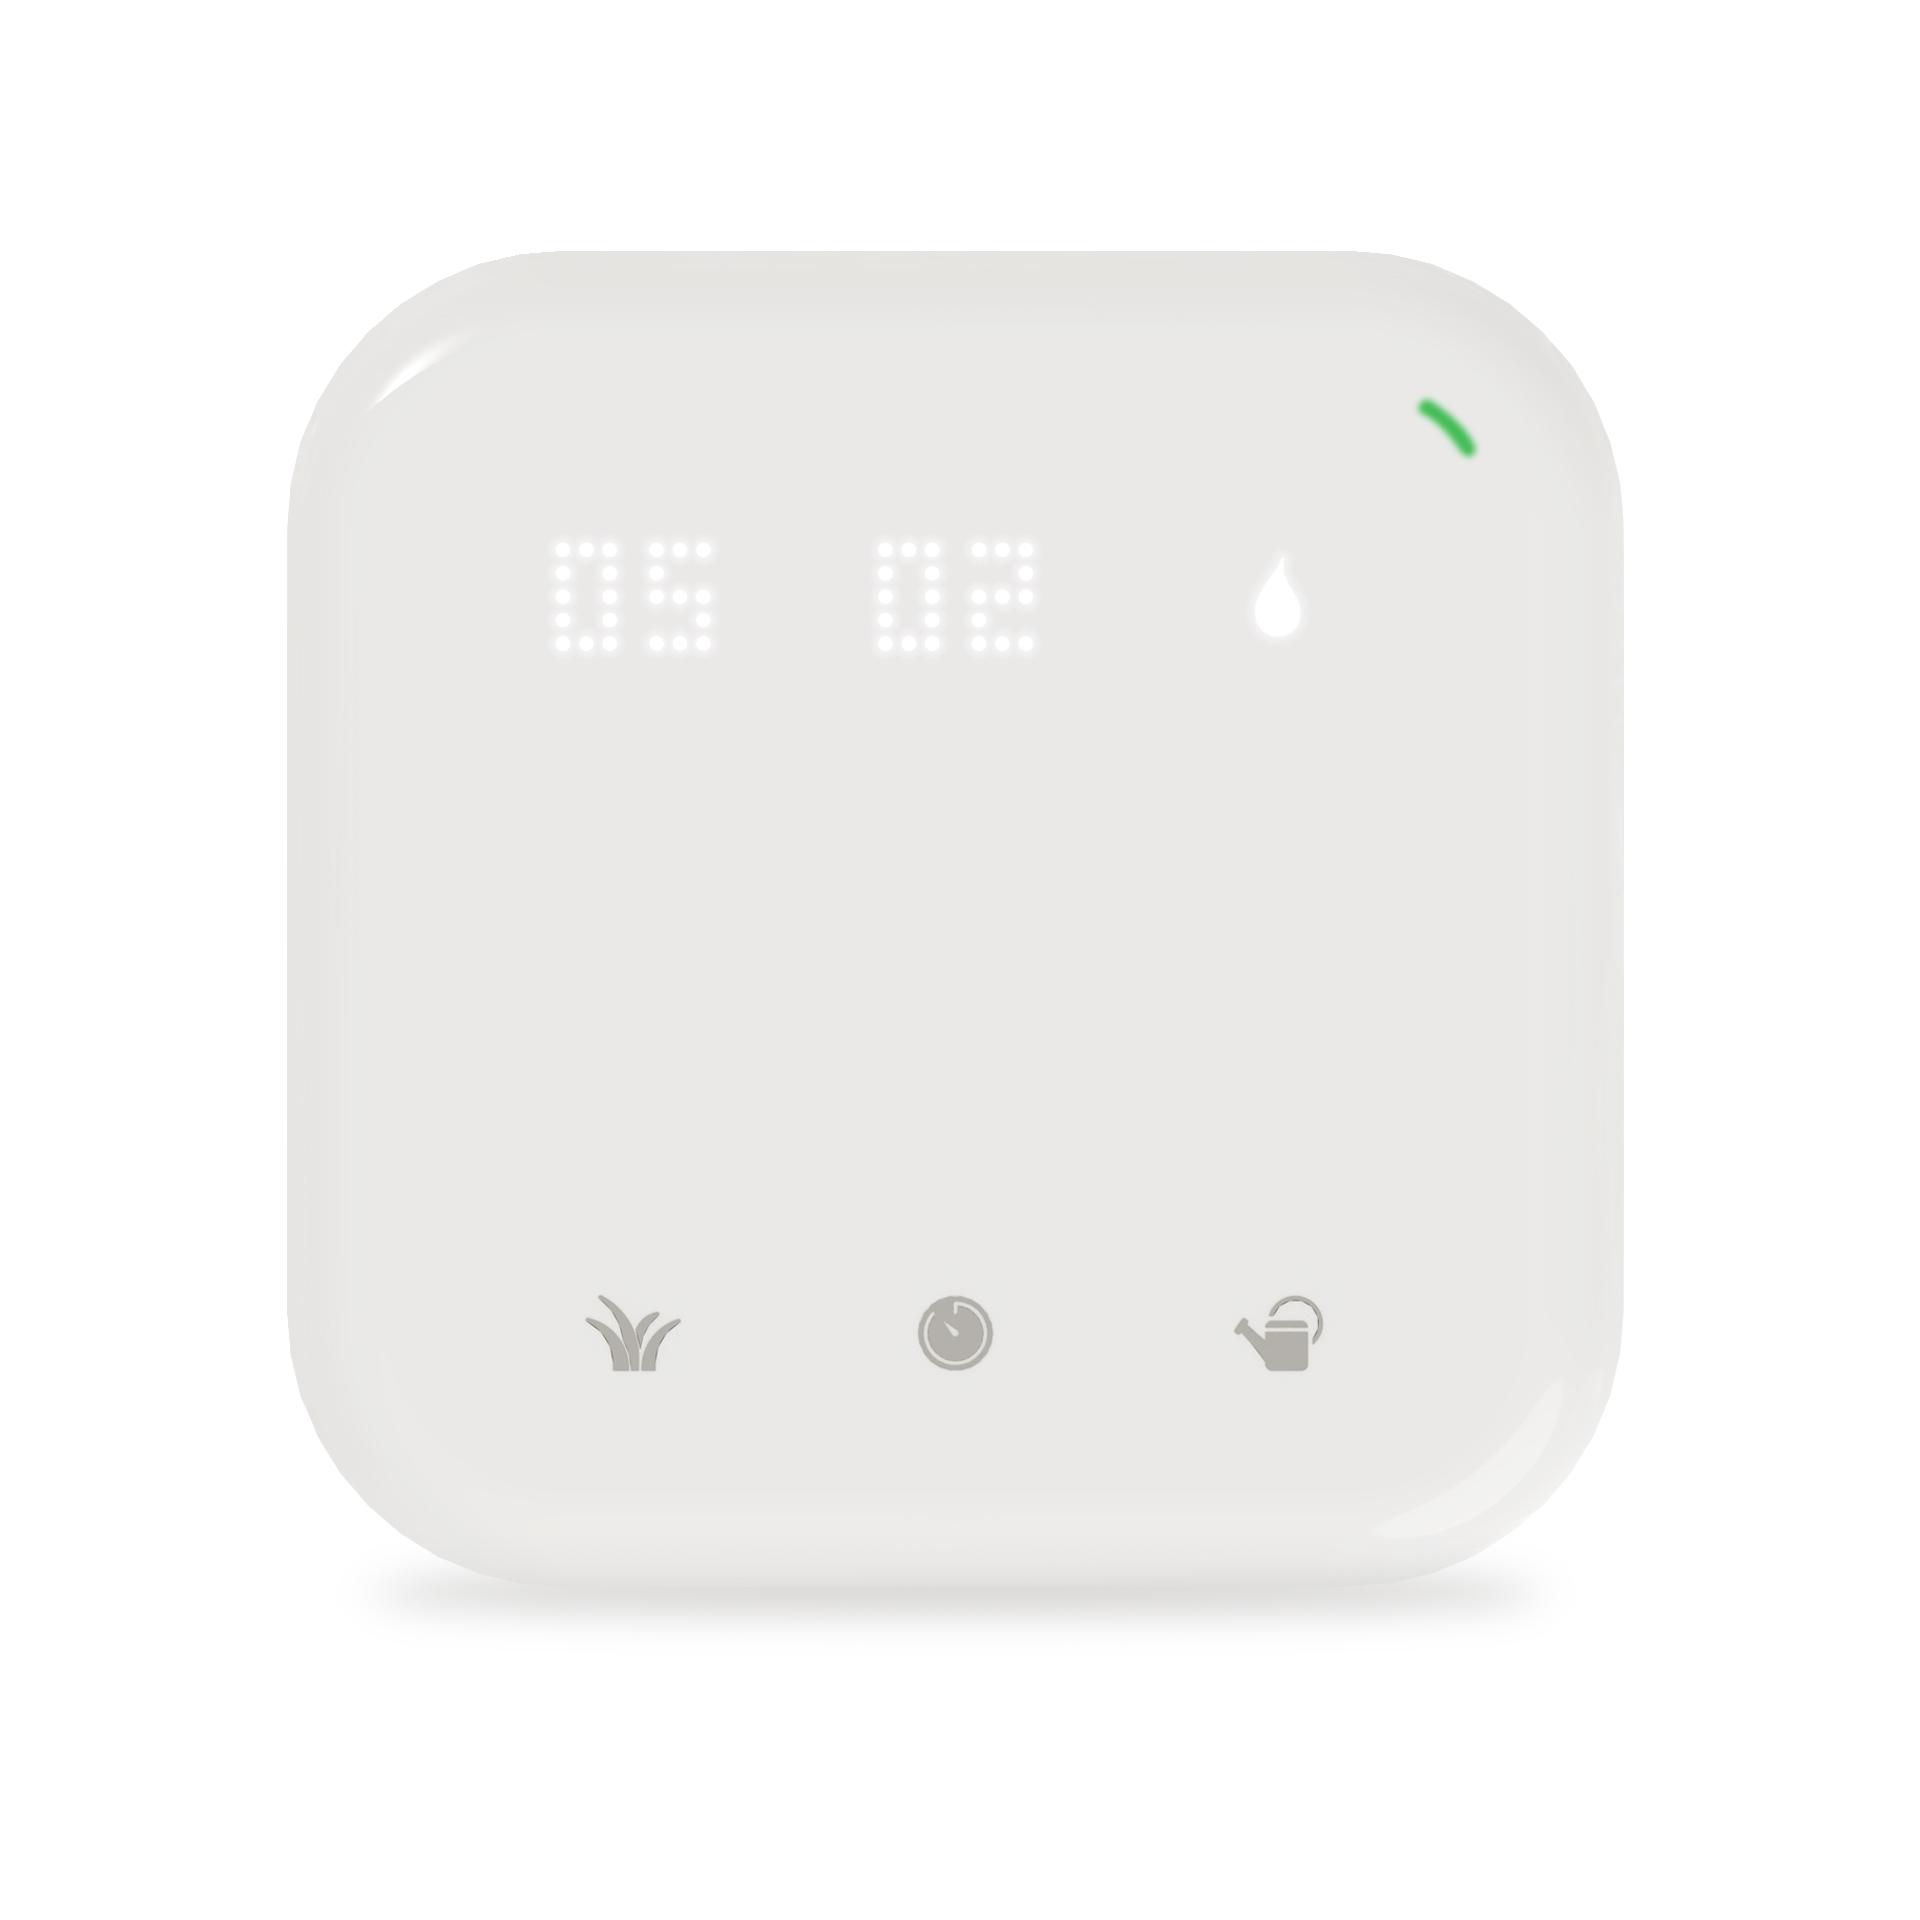 Netro Spark, A Smart Sprinkler Controller